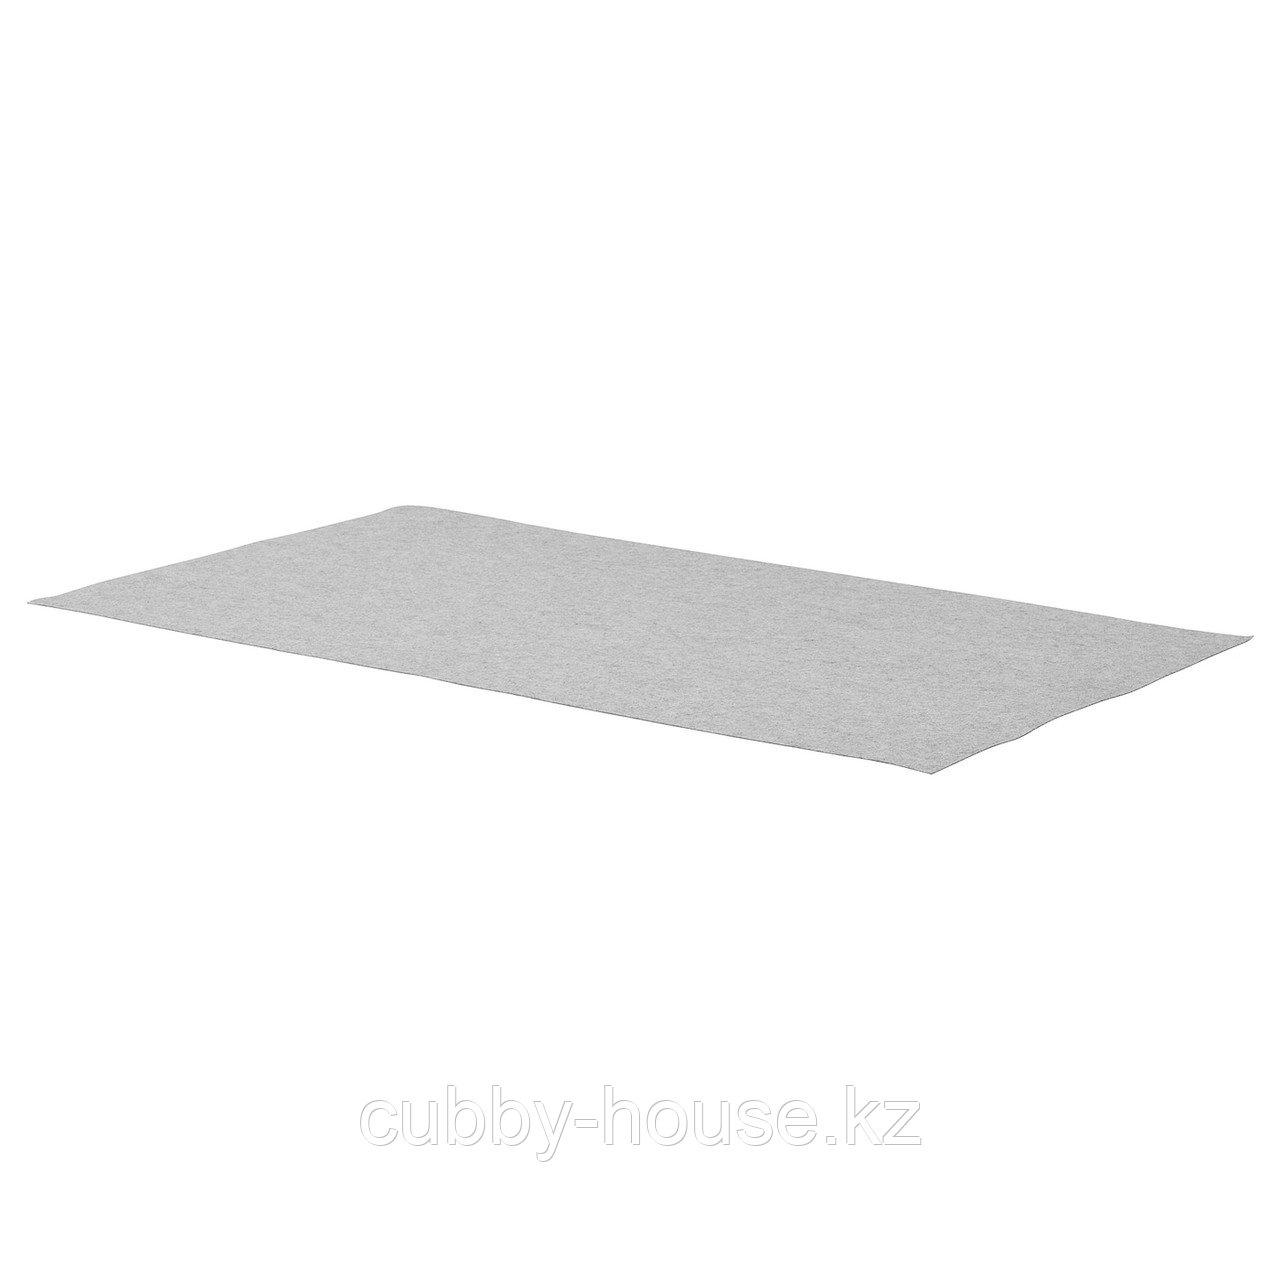 КОМПЛИМЕНТ Коврик в ящик, светло-серый, 90x53 см